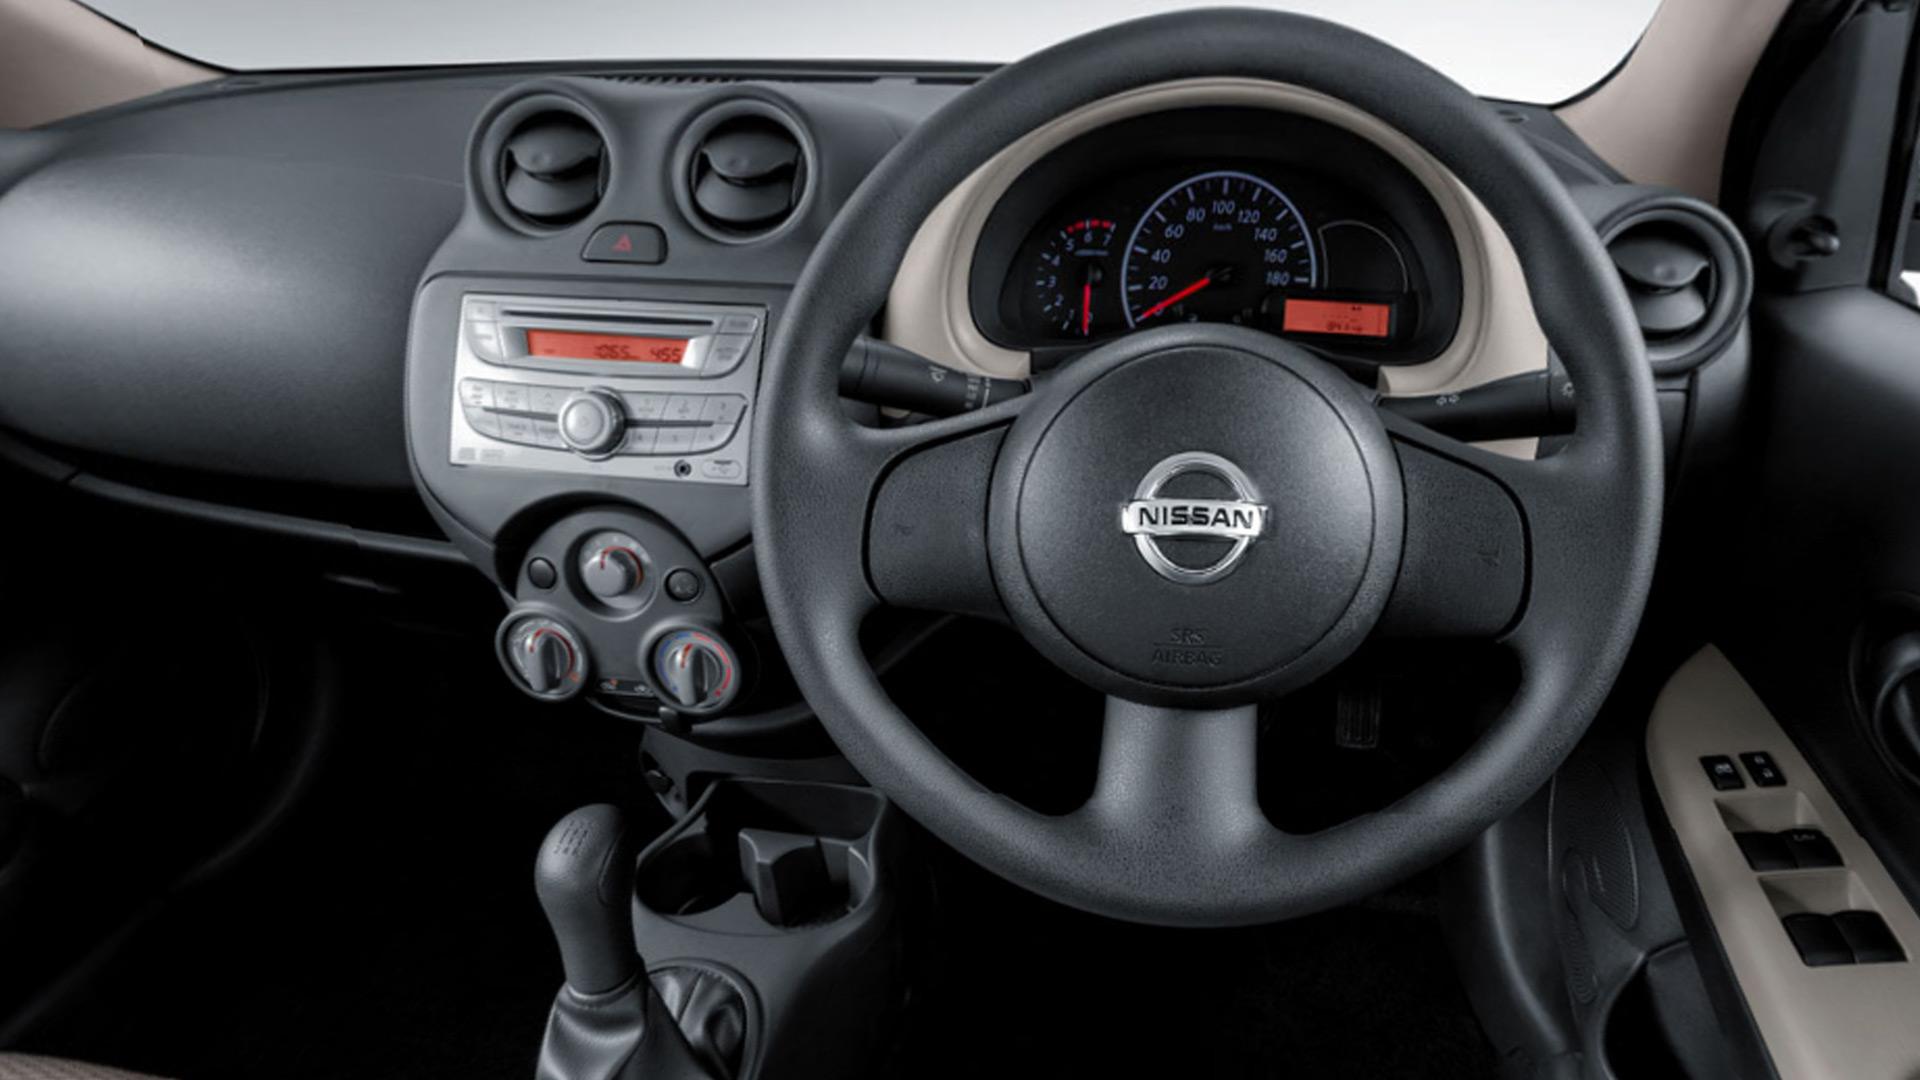 Nissan Micra Active 2013 Xe Interior Car Photos Overdrive